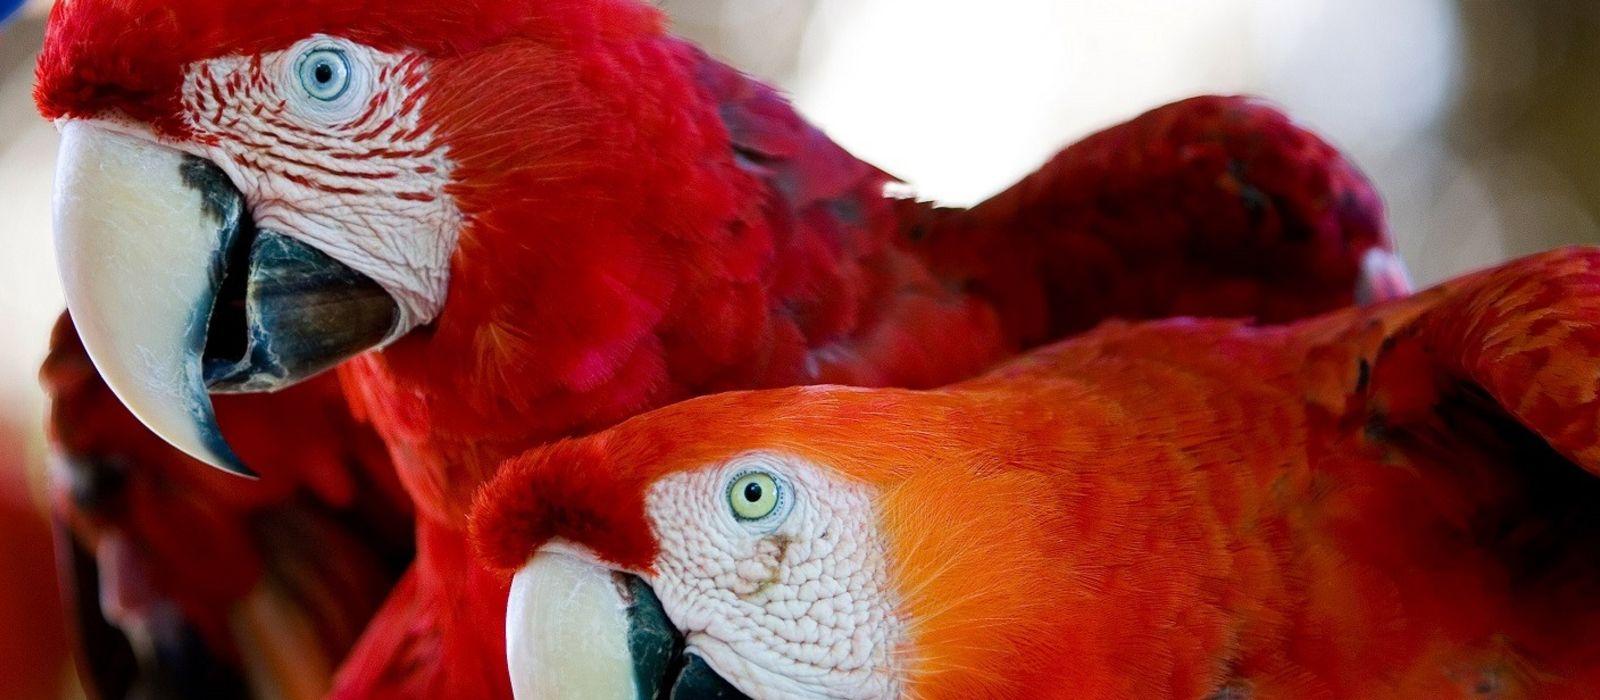 Brasilien: Lebensart und Wunder der Natur Urlaub 8